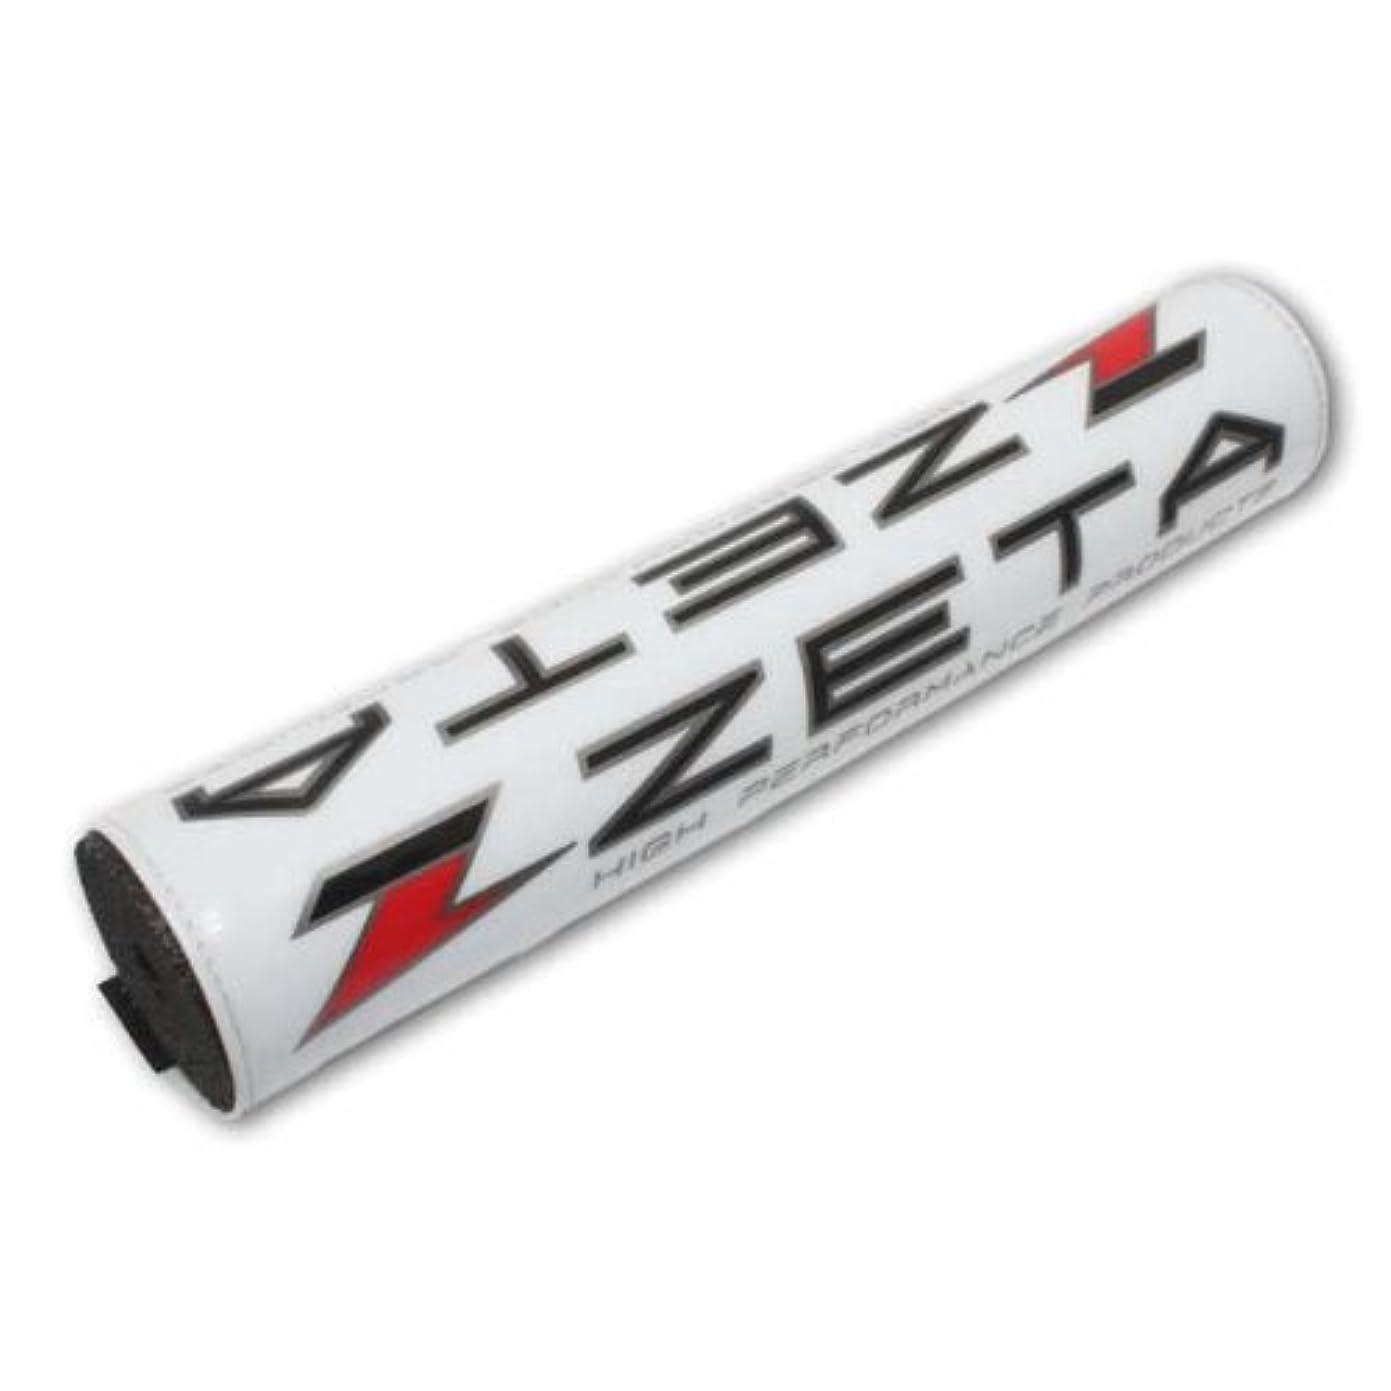 小学生キャンドル攻撃ジータ(ZETA) COMPバーパッド STD(254mm) ブラック ZE47-9132